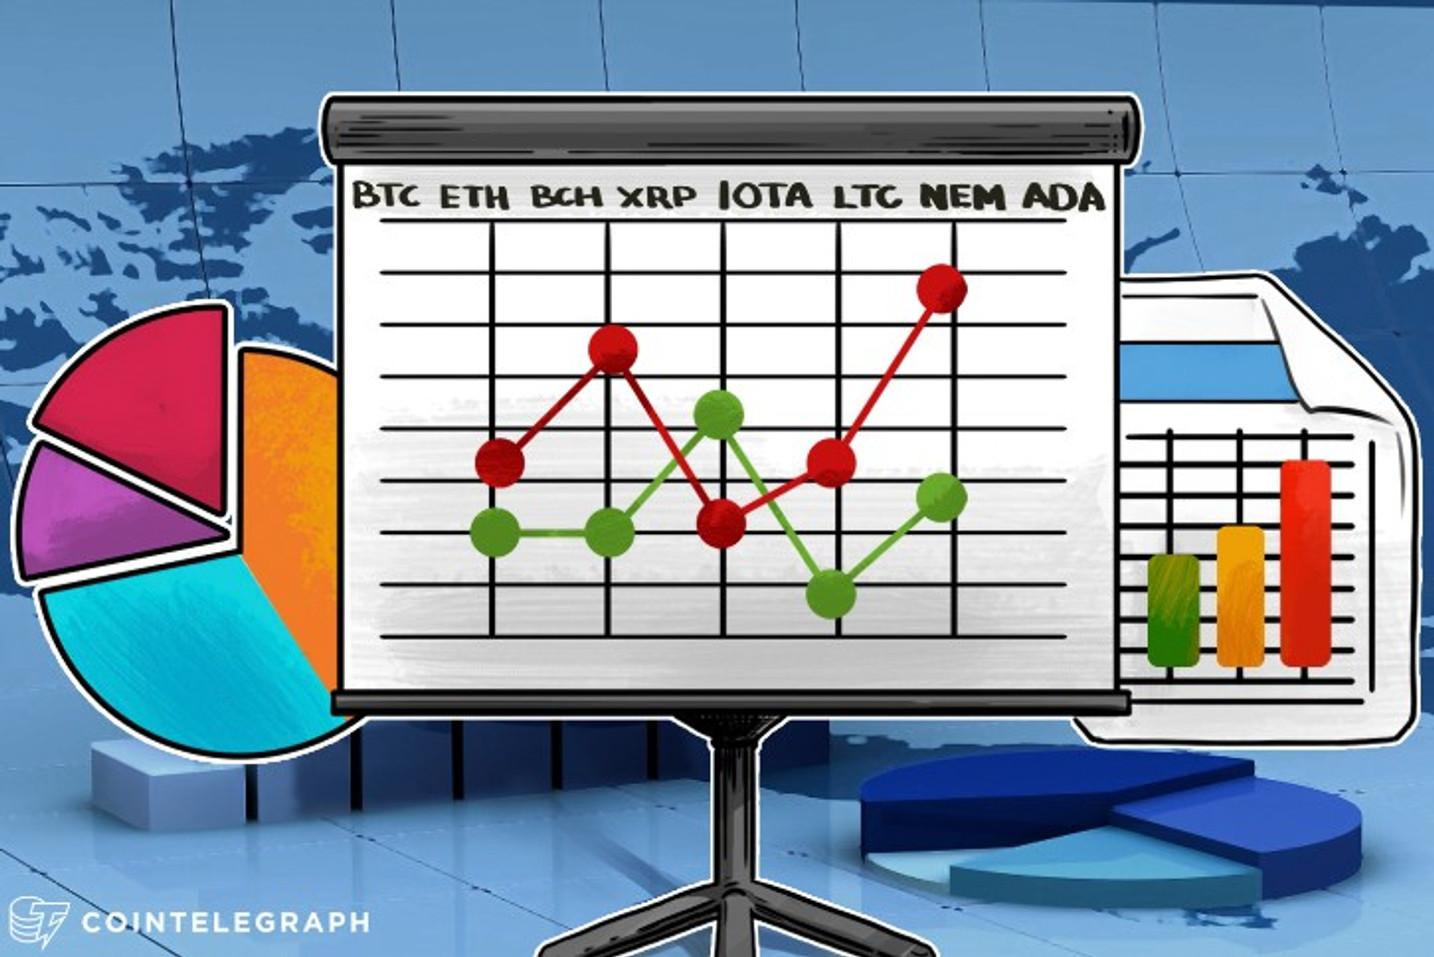 Bitcoin, Ethereum, Bitcoin Cash, Ripple, IOTA, Litecoin, NEM, Cardano: Análisis de precios, 8 de enero